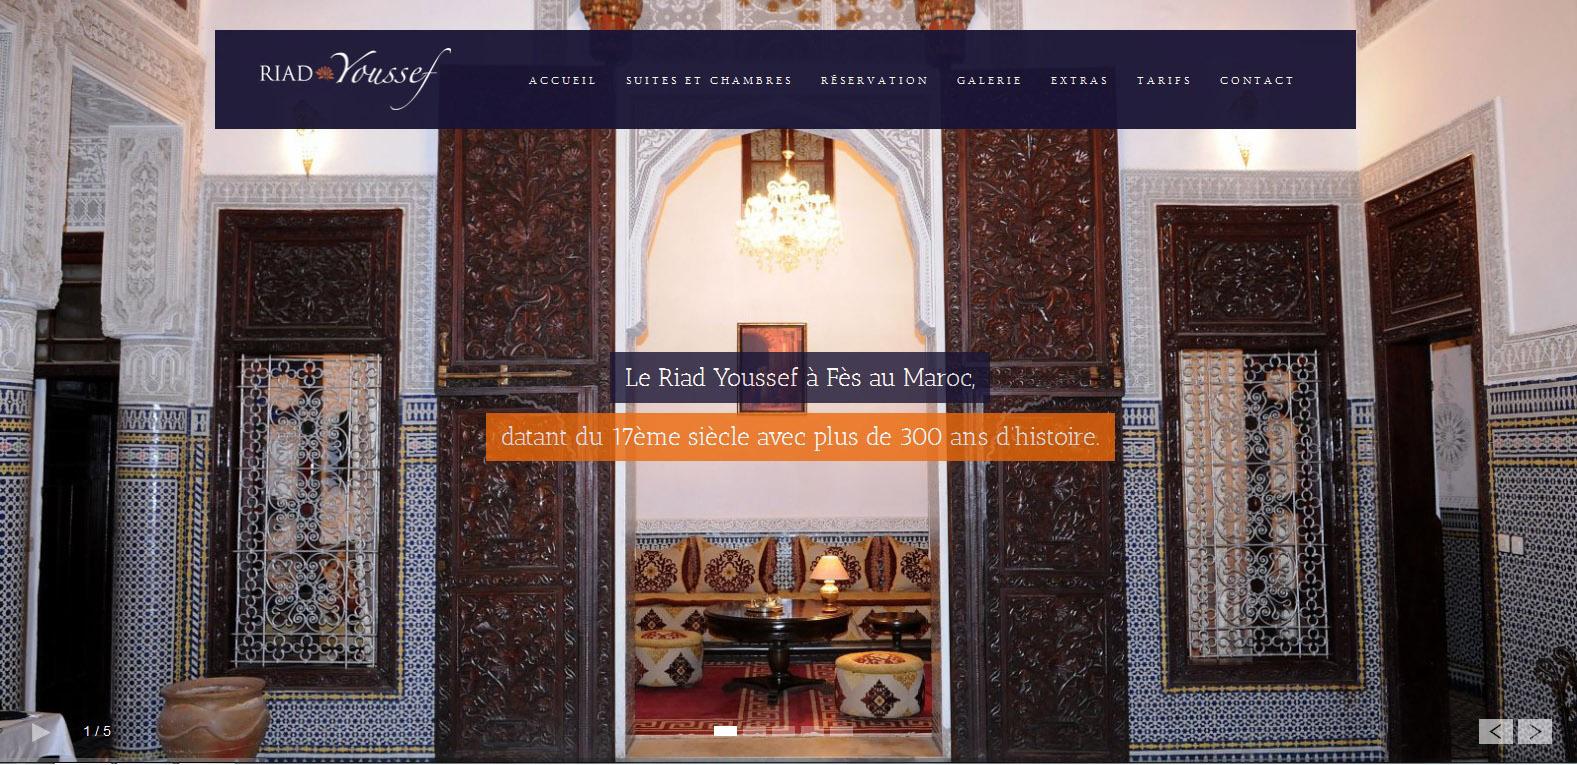 riad-youssef.com